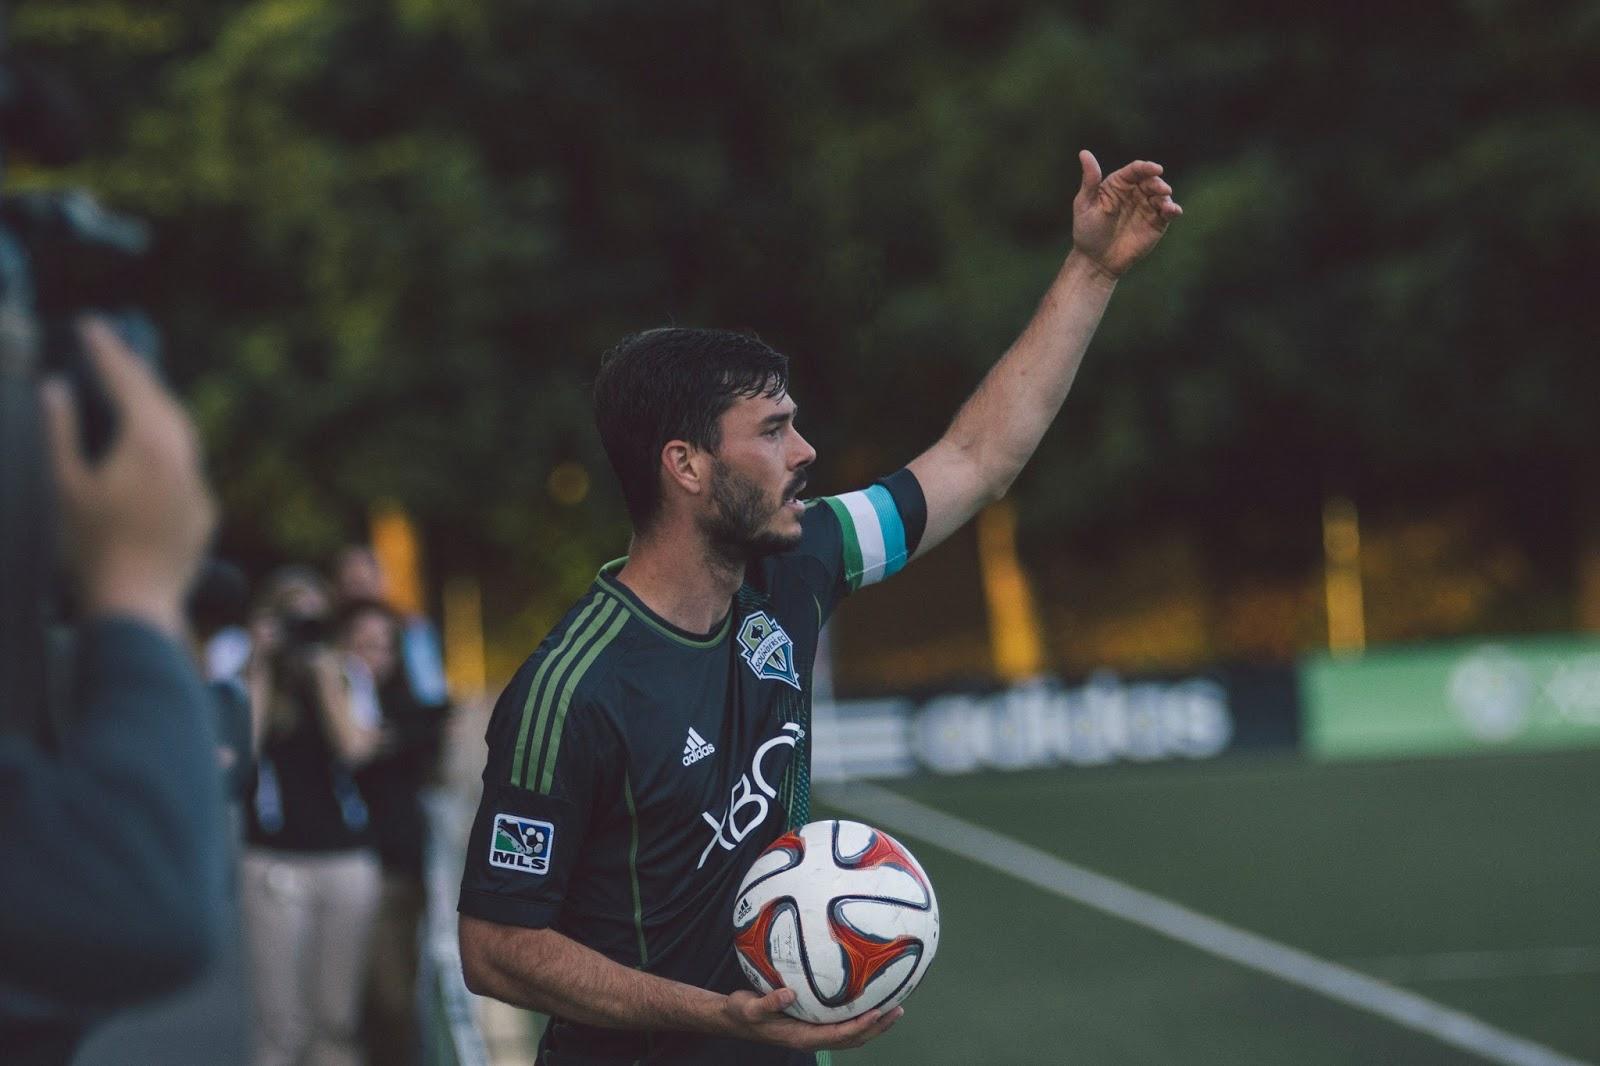 Zarządzanie kryzysem jak mecz piłki nożnej